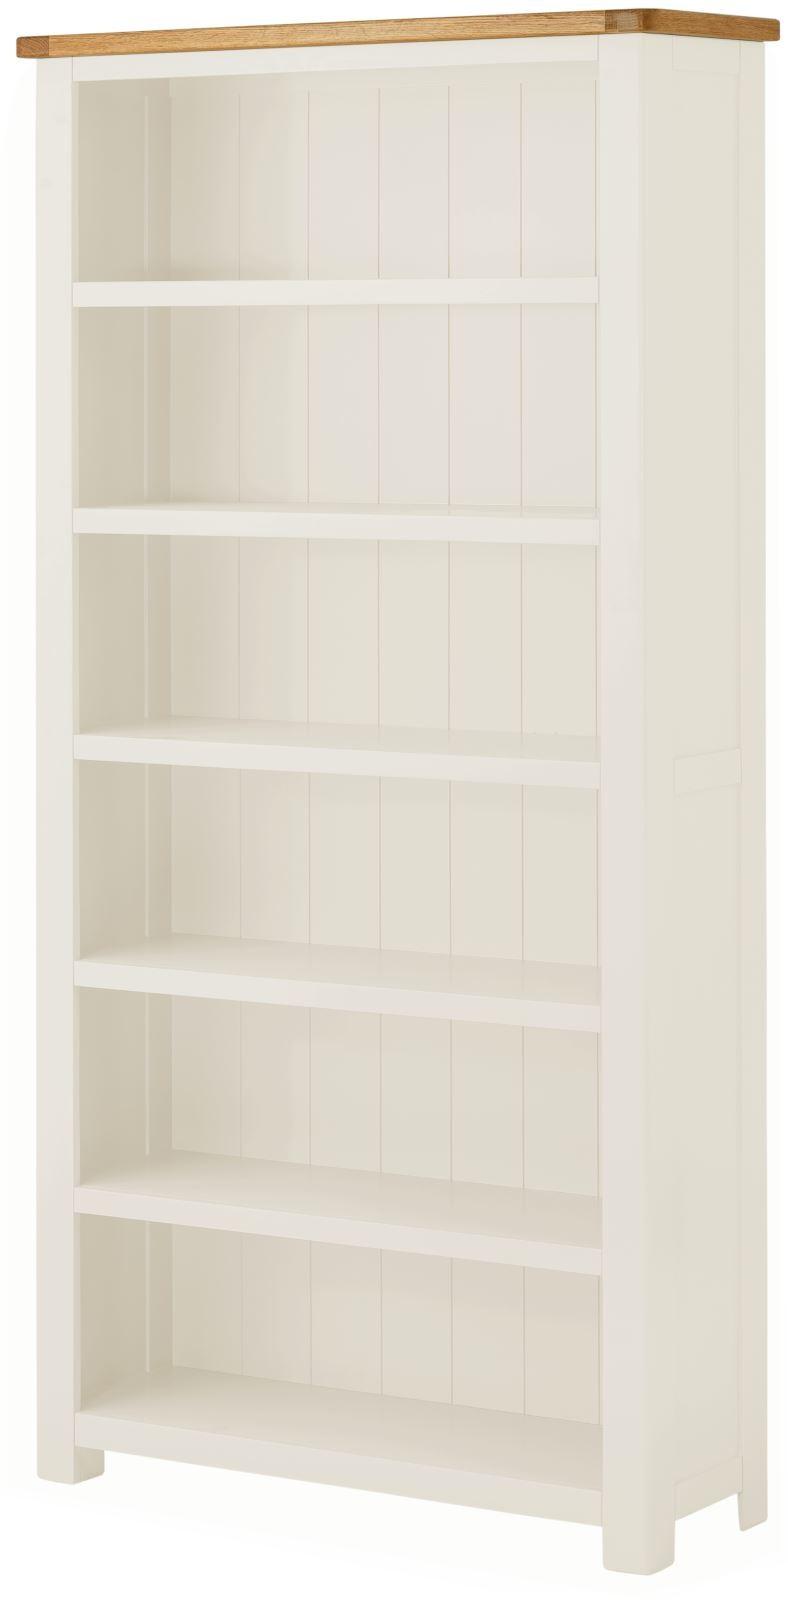 PRESTON Large Bookcase